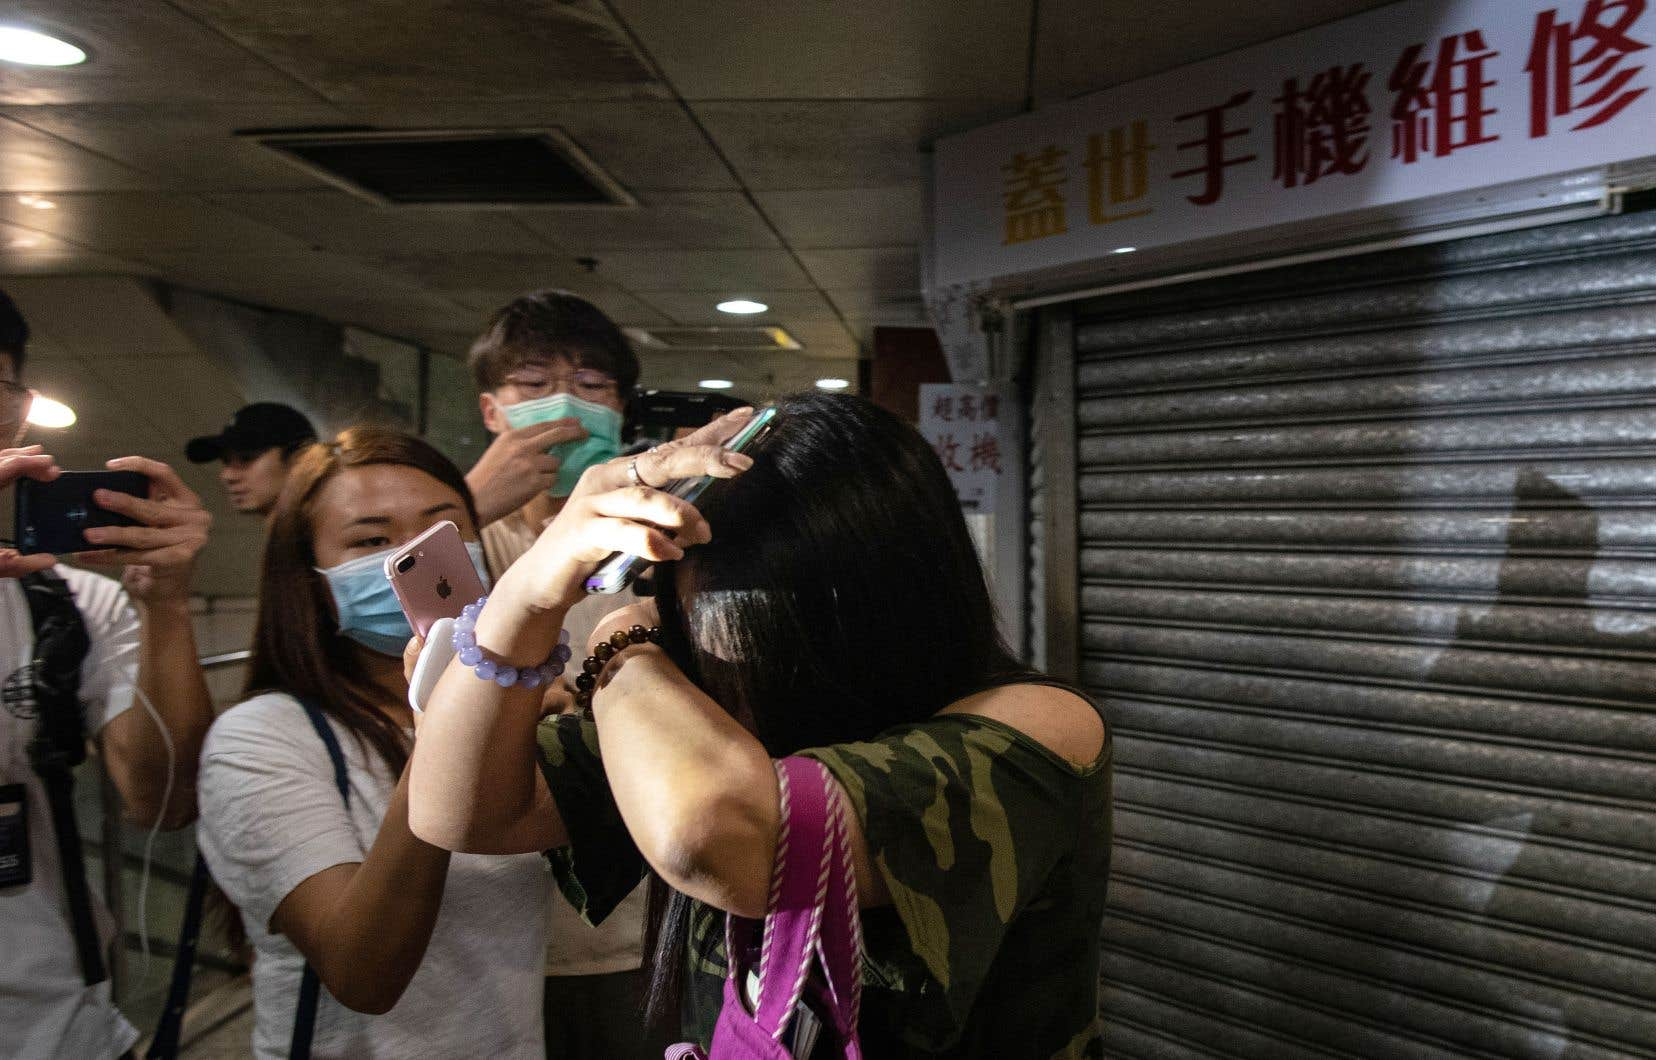 Soupçonnés d'appartenir à des triades criminelles, les agresseurs, armés de bâtons de bambou et de barres de fer, s'en sont pris à des manifestants prodémocratie, des passants et des journalistes.